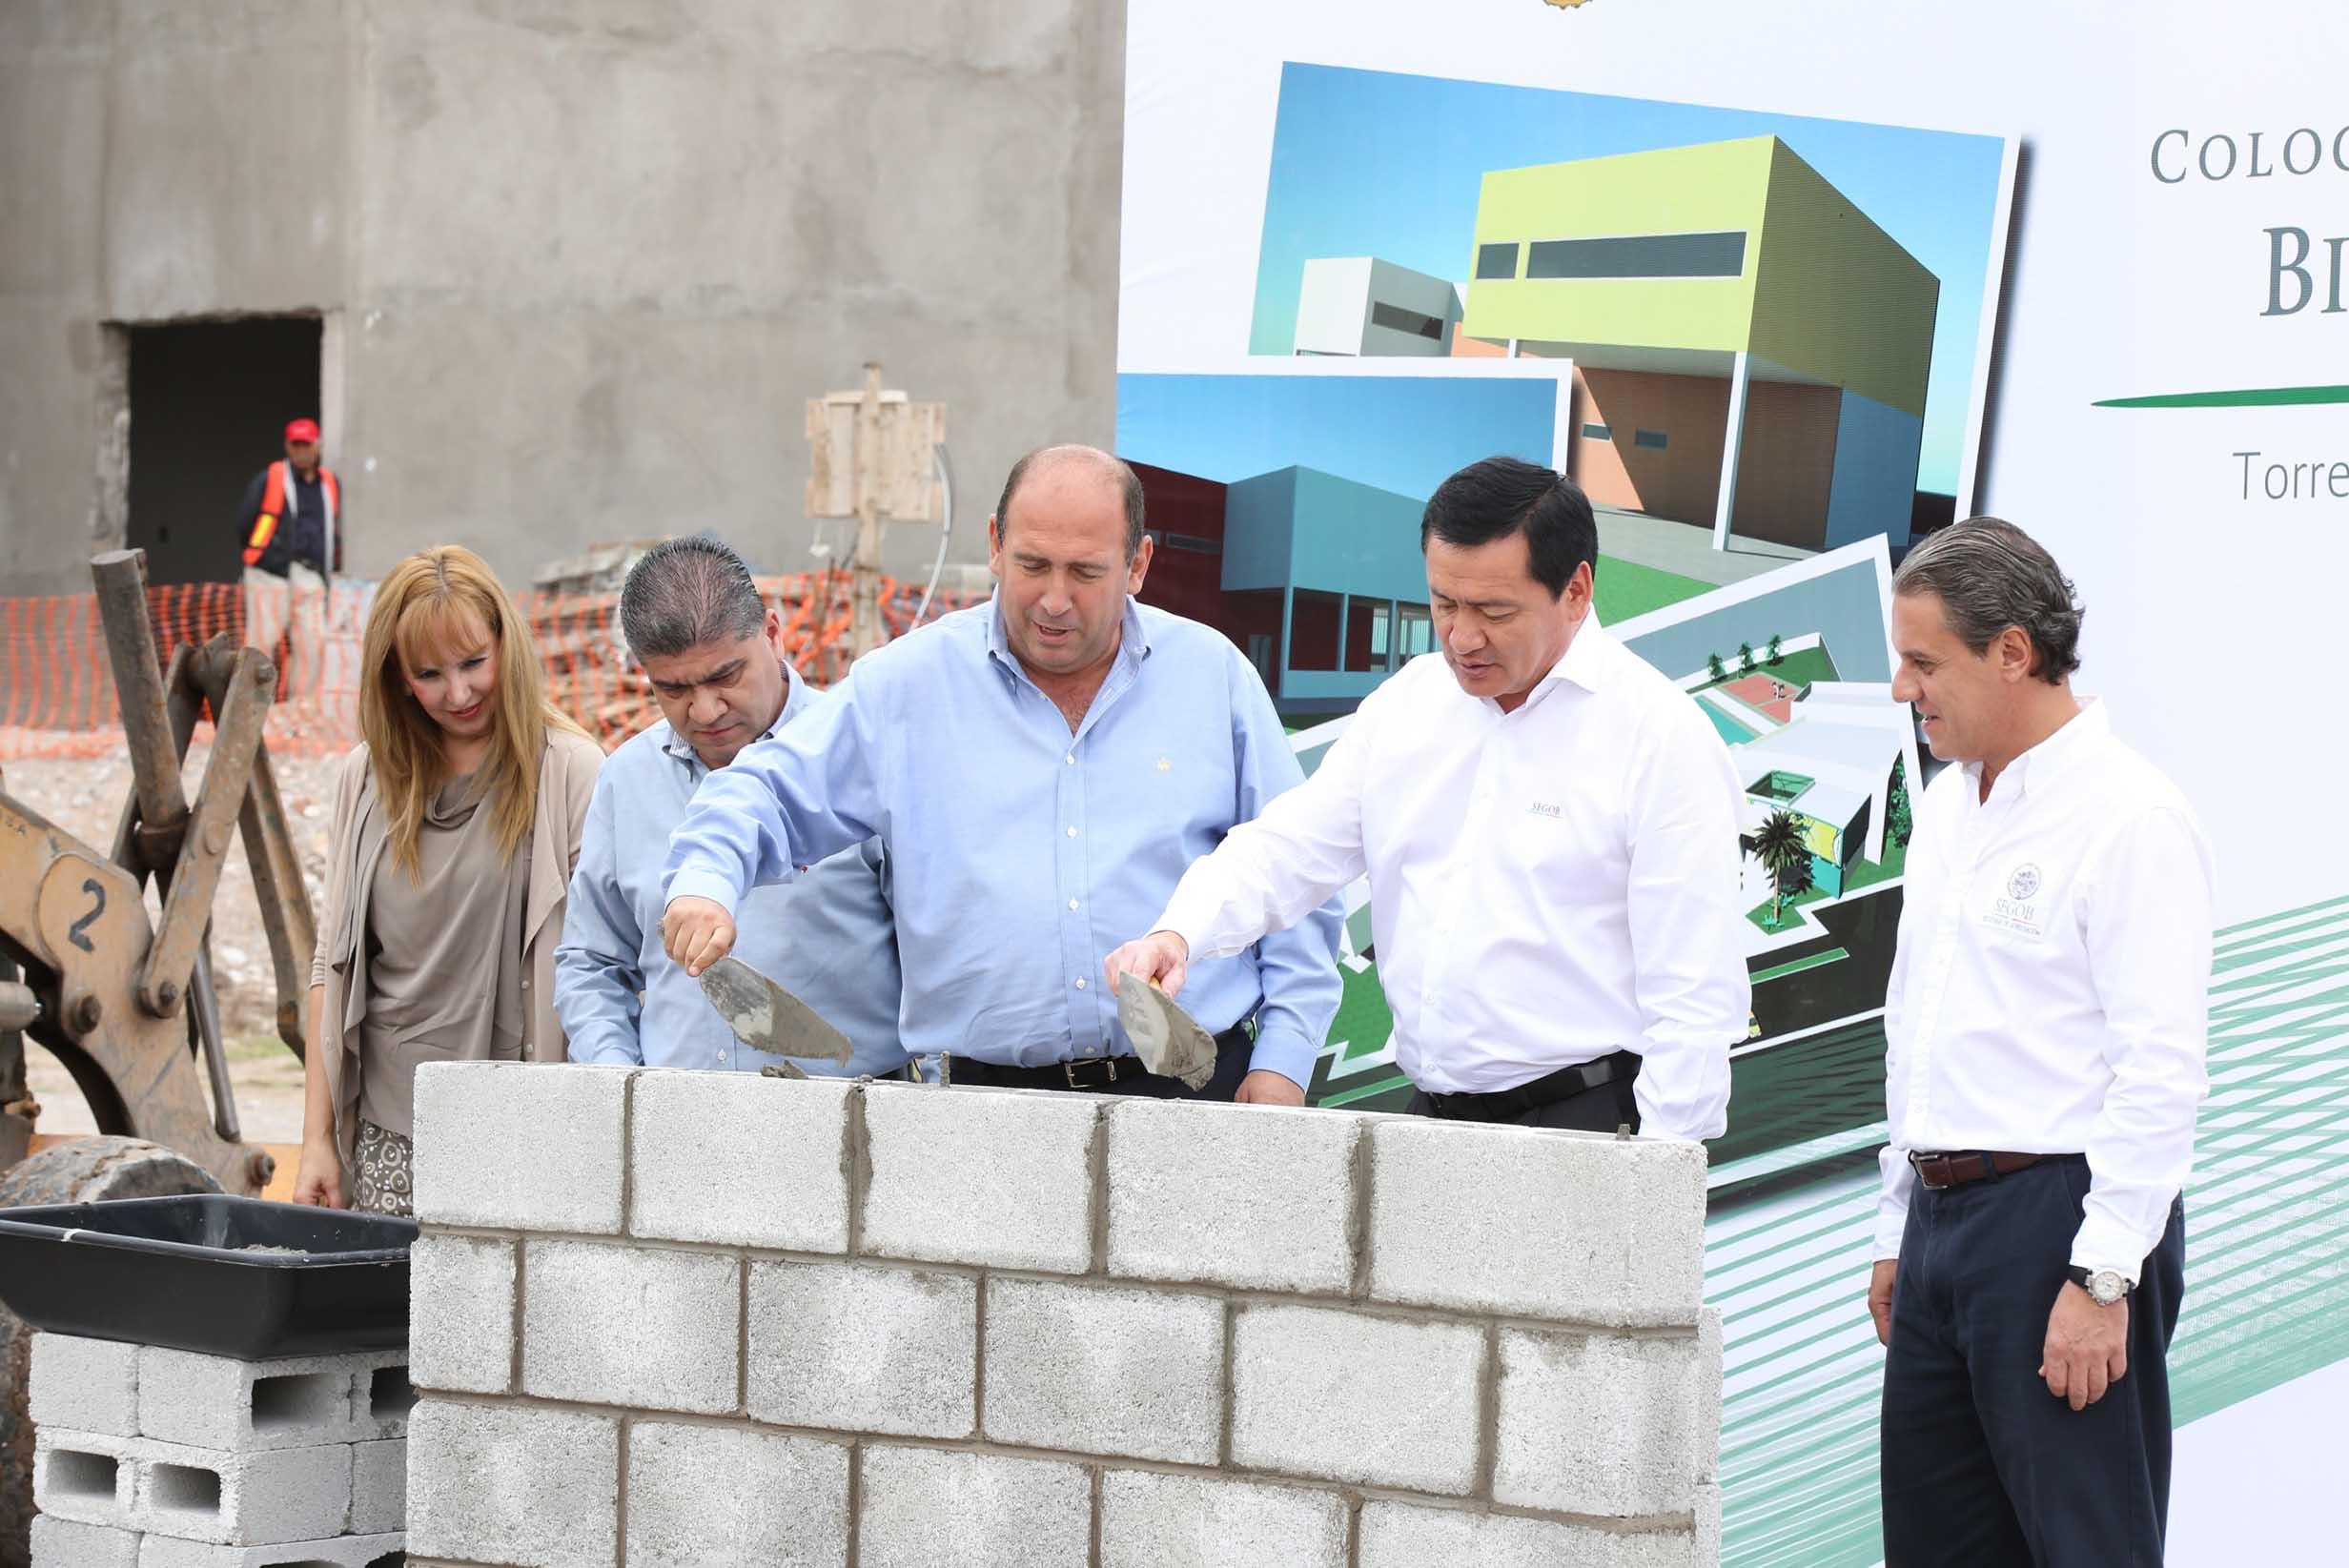 El Secretario de Gobernación, Miguel Ángel Osorio Chong, colocó la primera piedra para la construcción de la Biblioteca Digital en Torreón, Coahuila